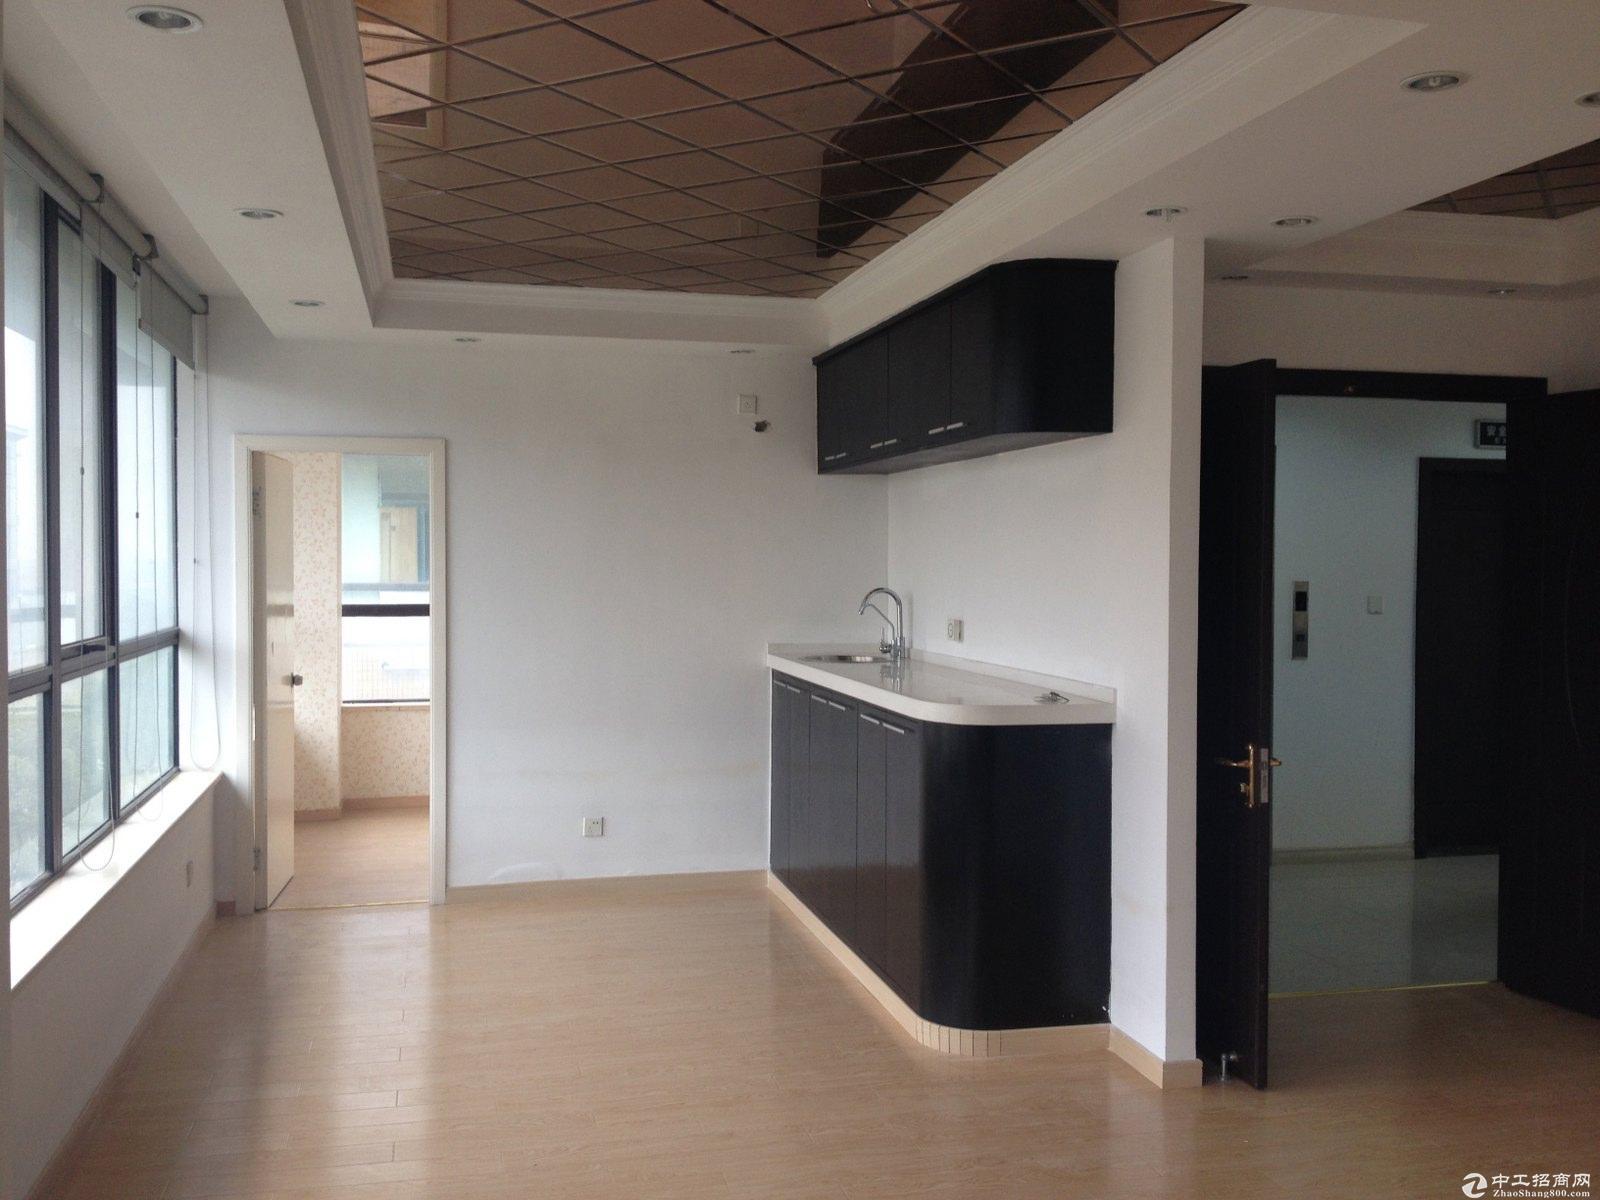 生产 办公 研发 2450平米独栋现房租售